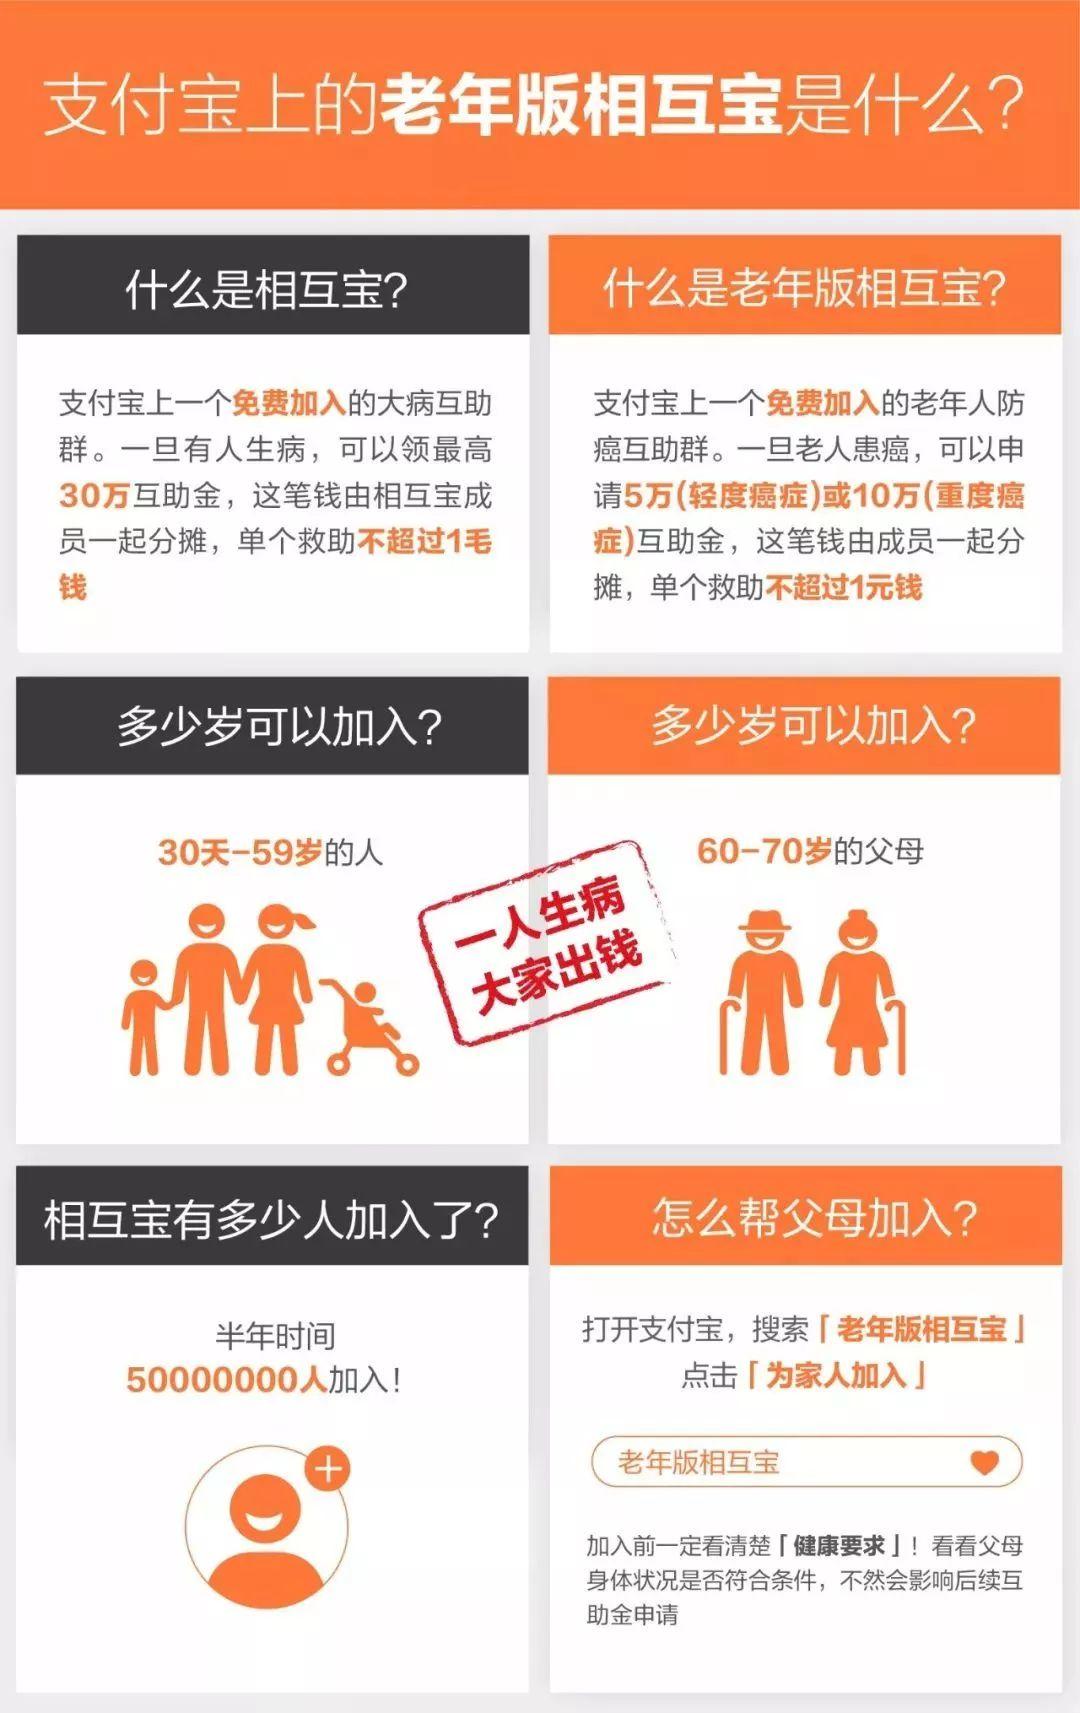 """""""老年版相互宝""""上线:60-70岁老人可加入获防癌保障"""